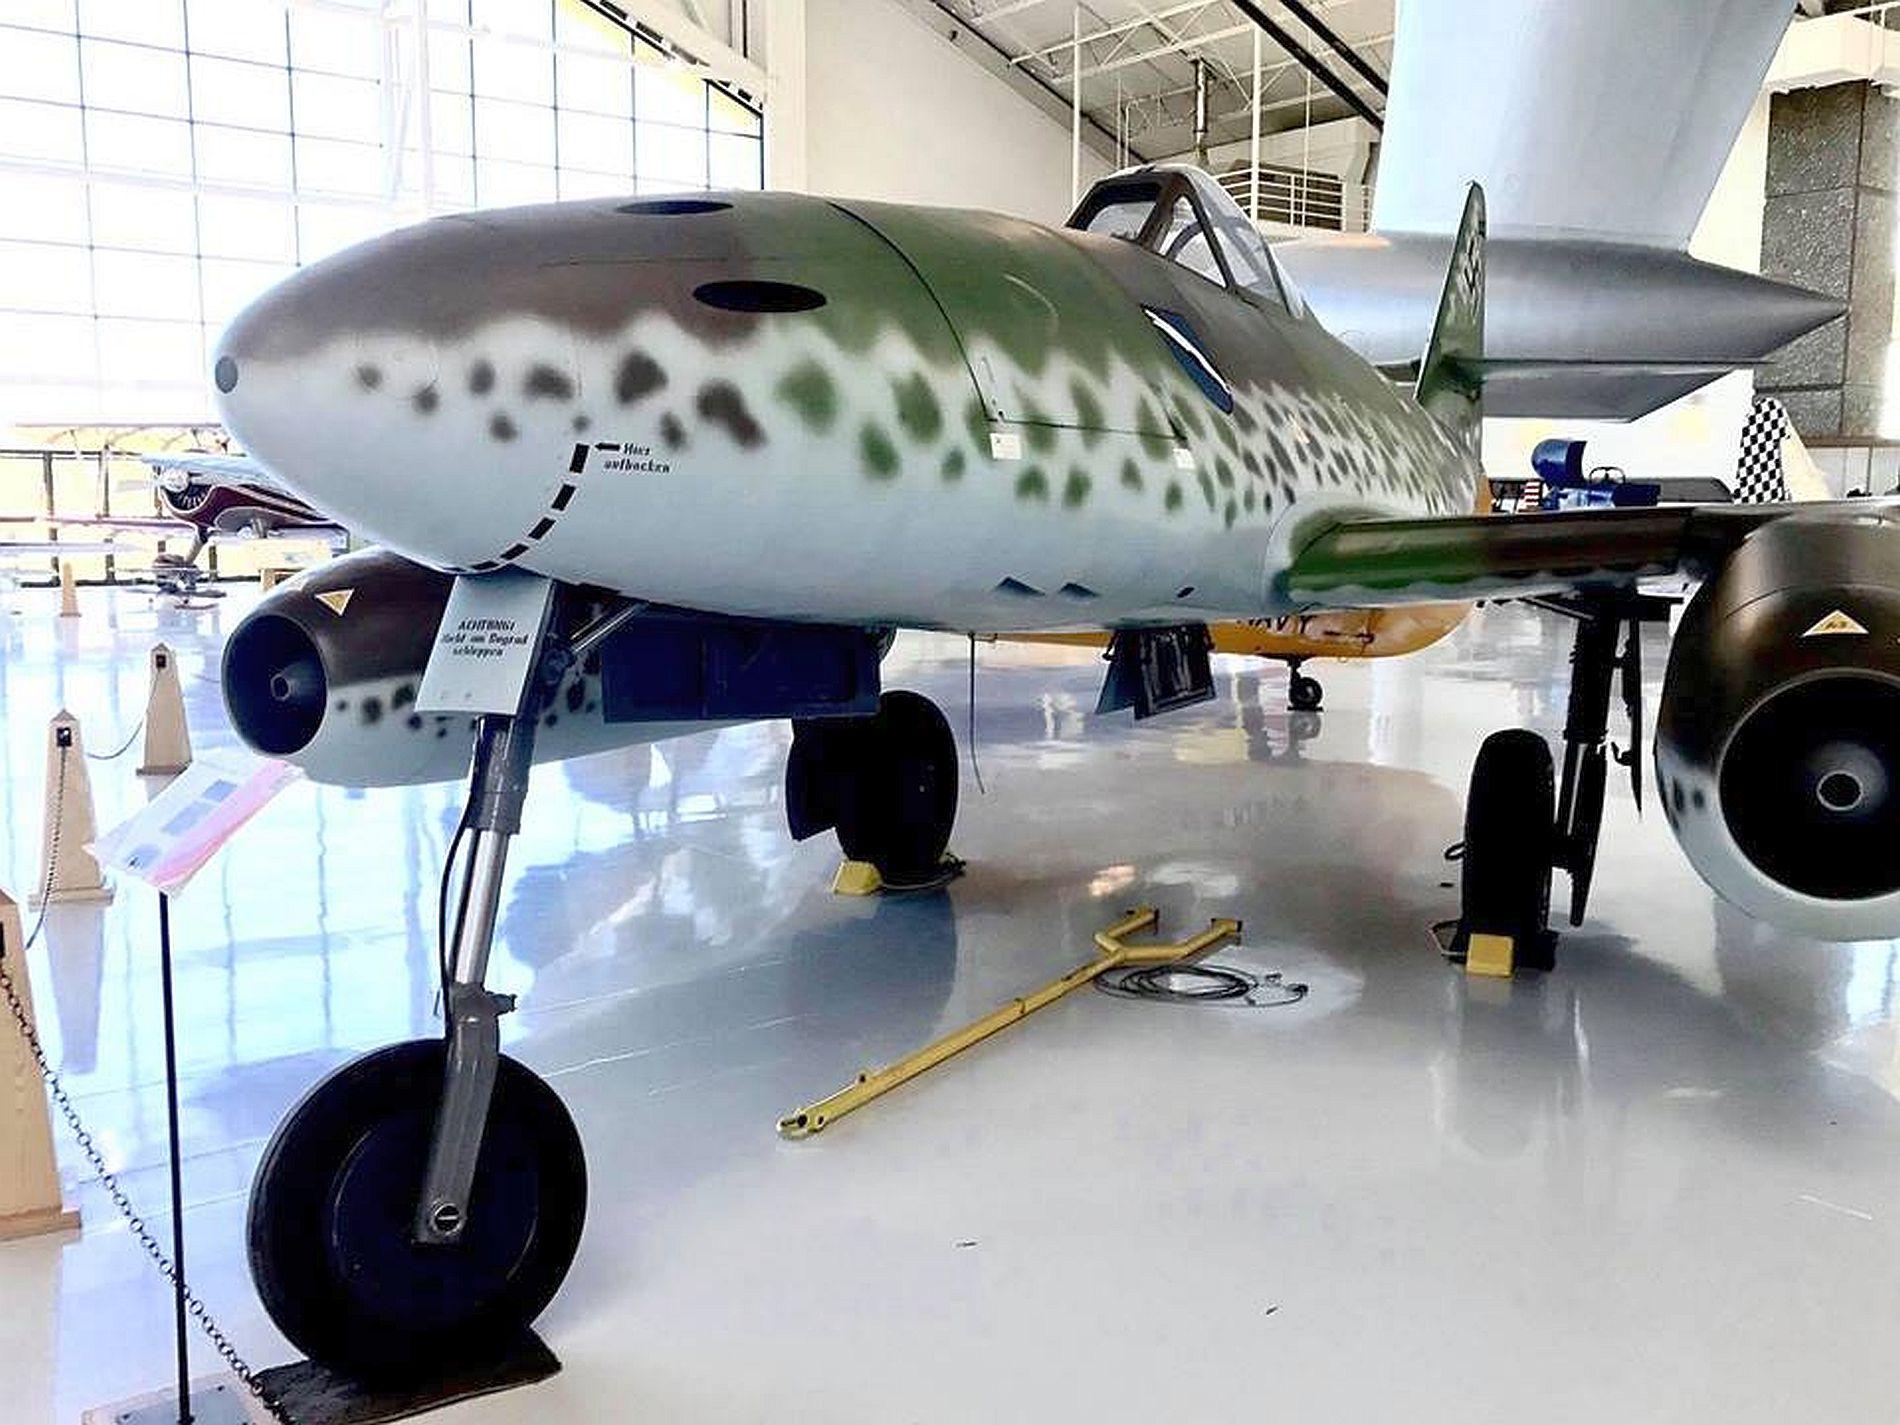 MESSERSCHMITT ME 262A WALKAROUND